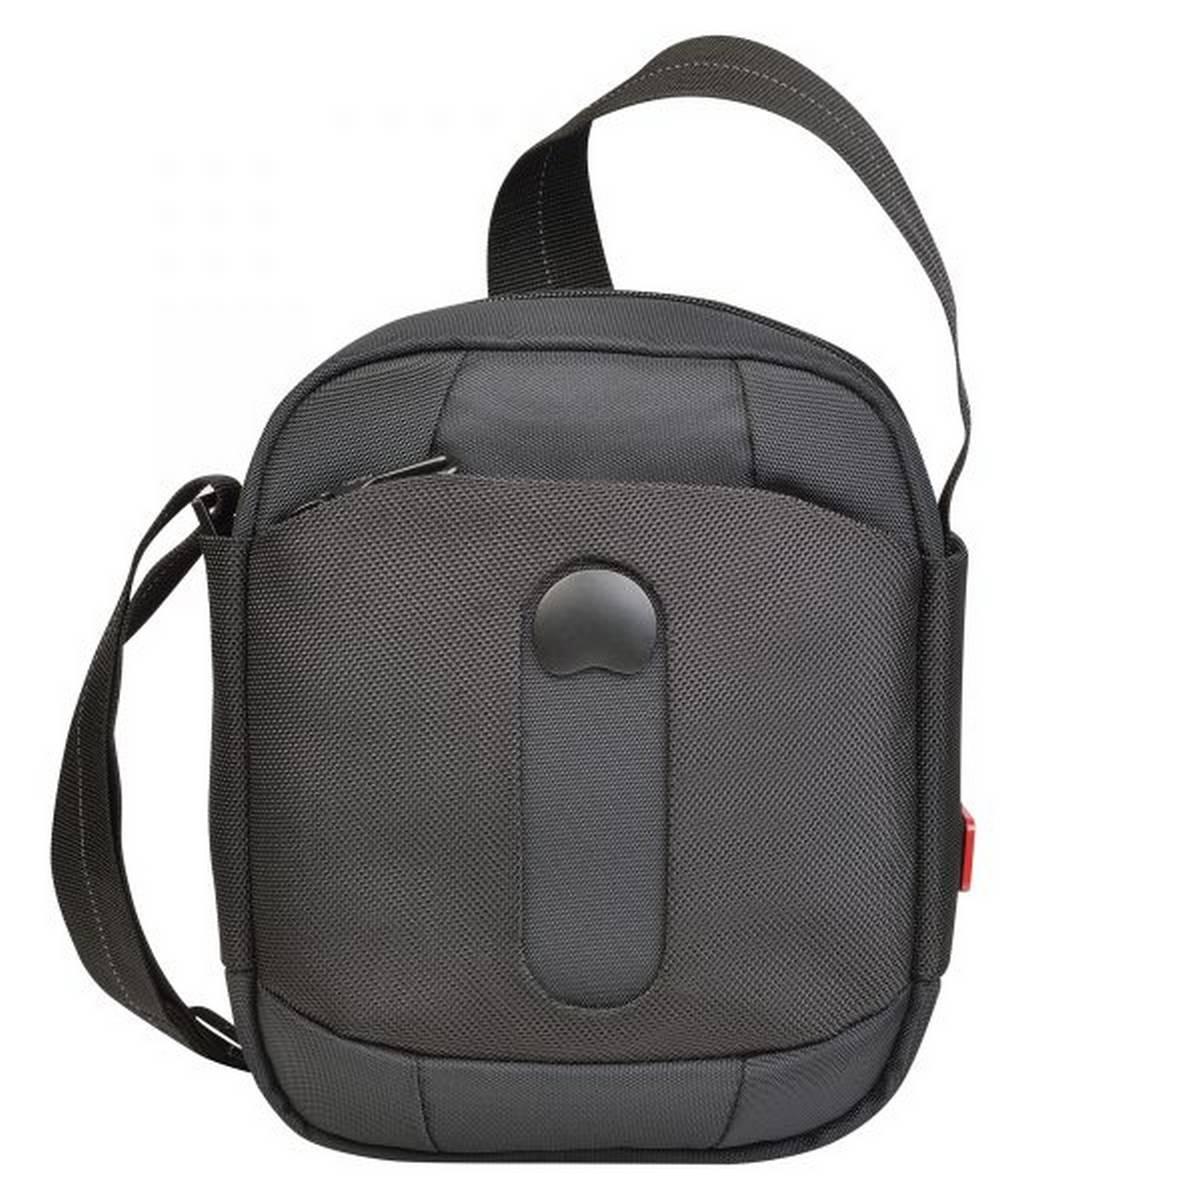 BELLECOUR 1 Compartment Mini Shoulder Bag - Black